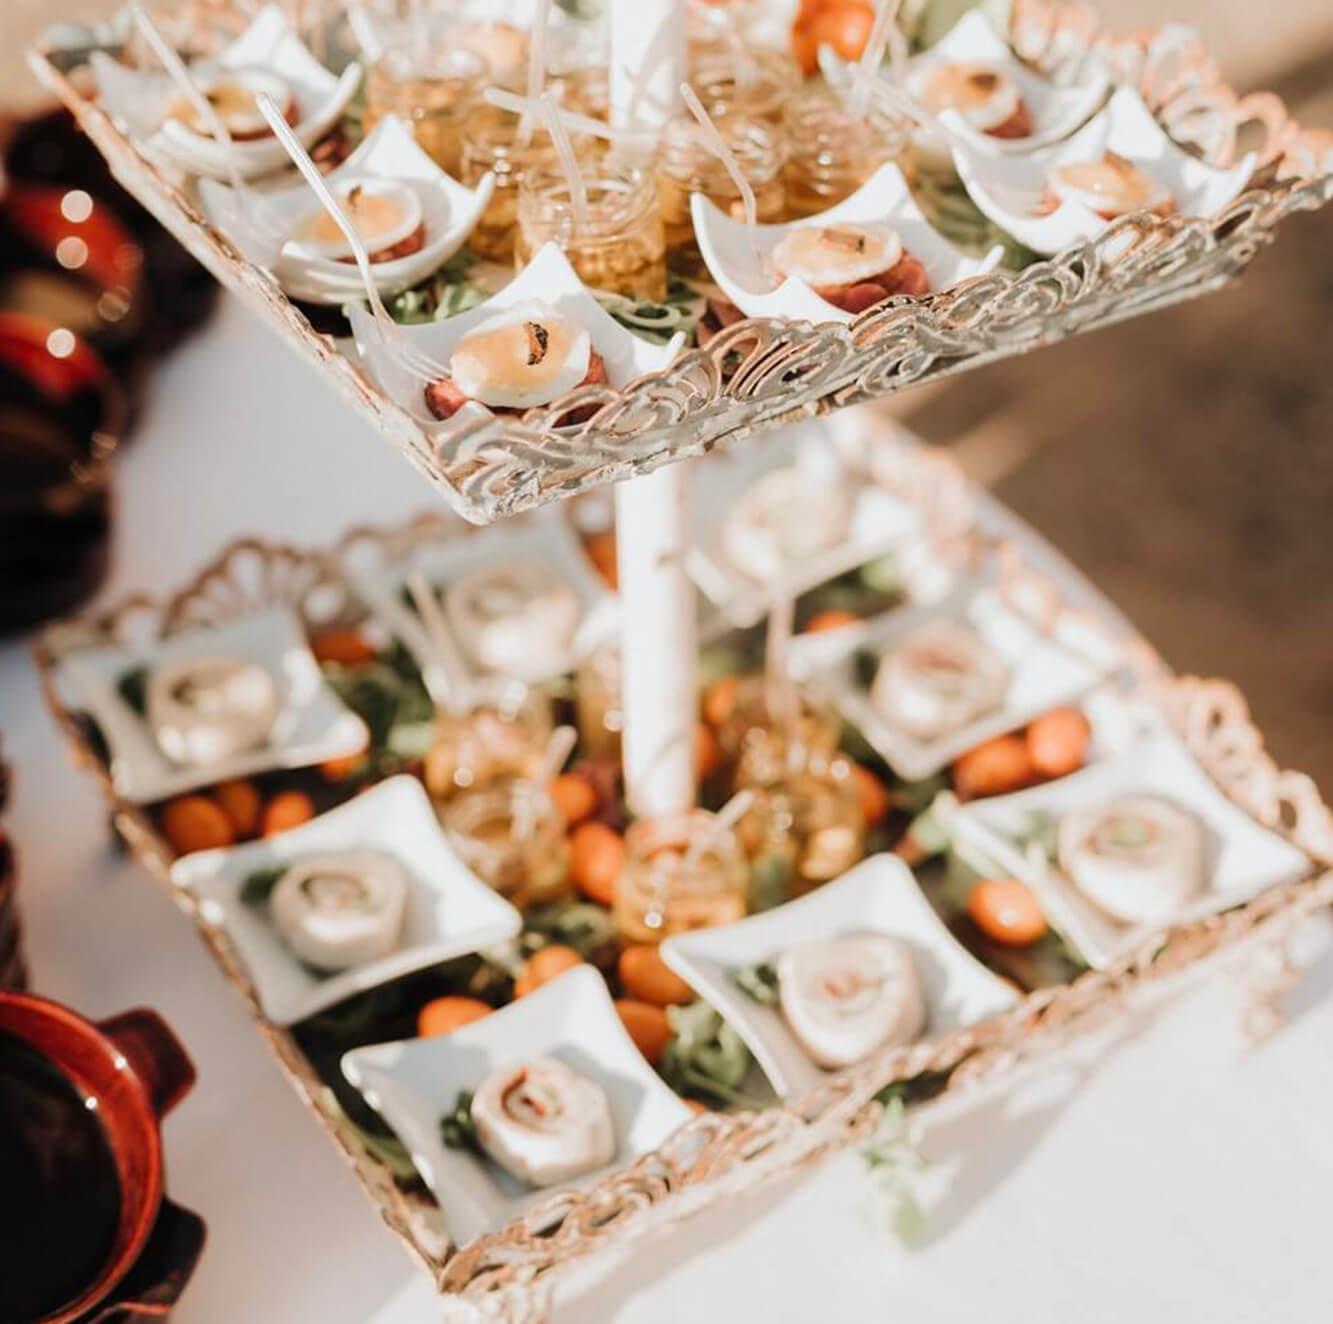 Servizio di catering e banqueting per matrimonio. Toscana Firenze Pisa Chianti Val d'Orcia. Giulia Alessandri Wedding Planner: progettazione e coordinazione matrimoni in Toscana.